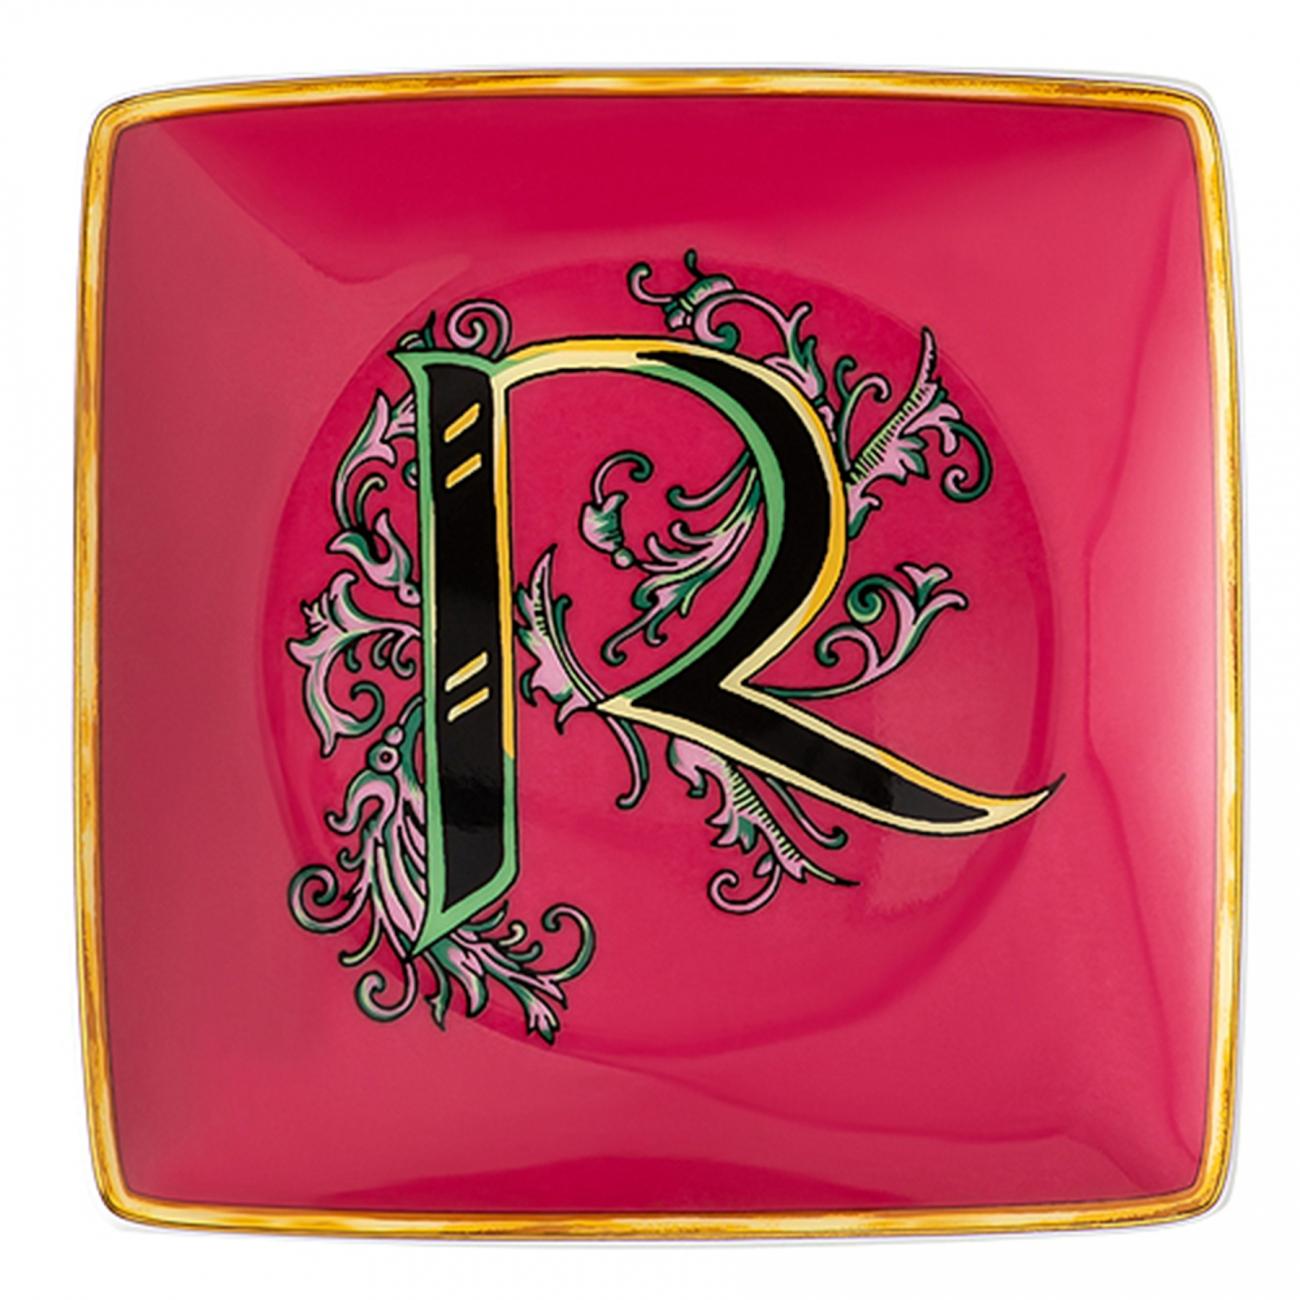 Rosenthal Versace Alphabet R Coppetta quadra piana